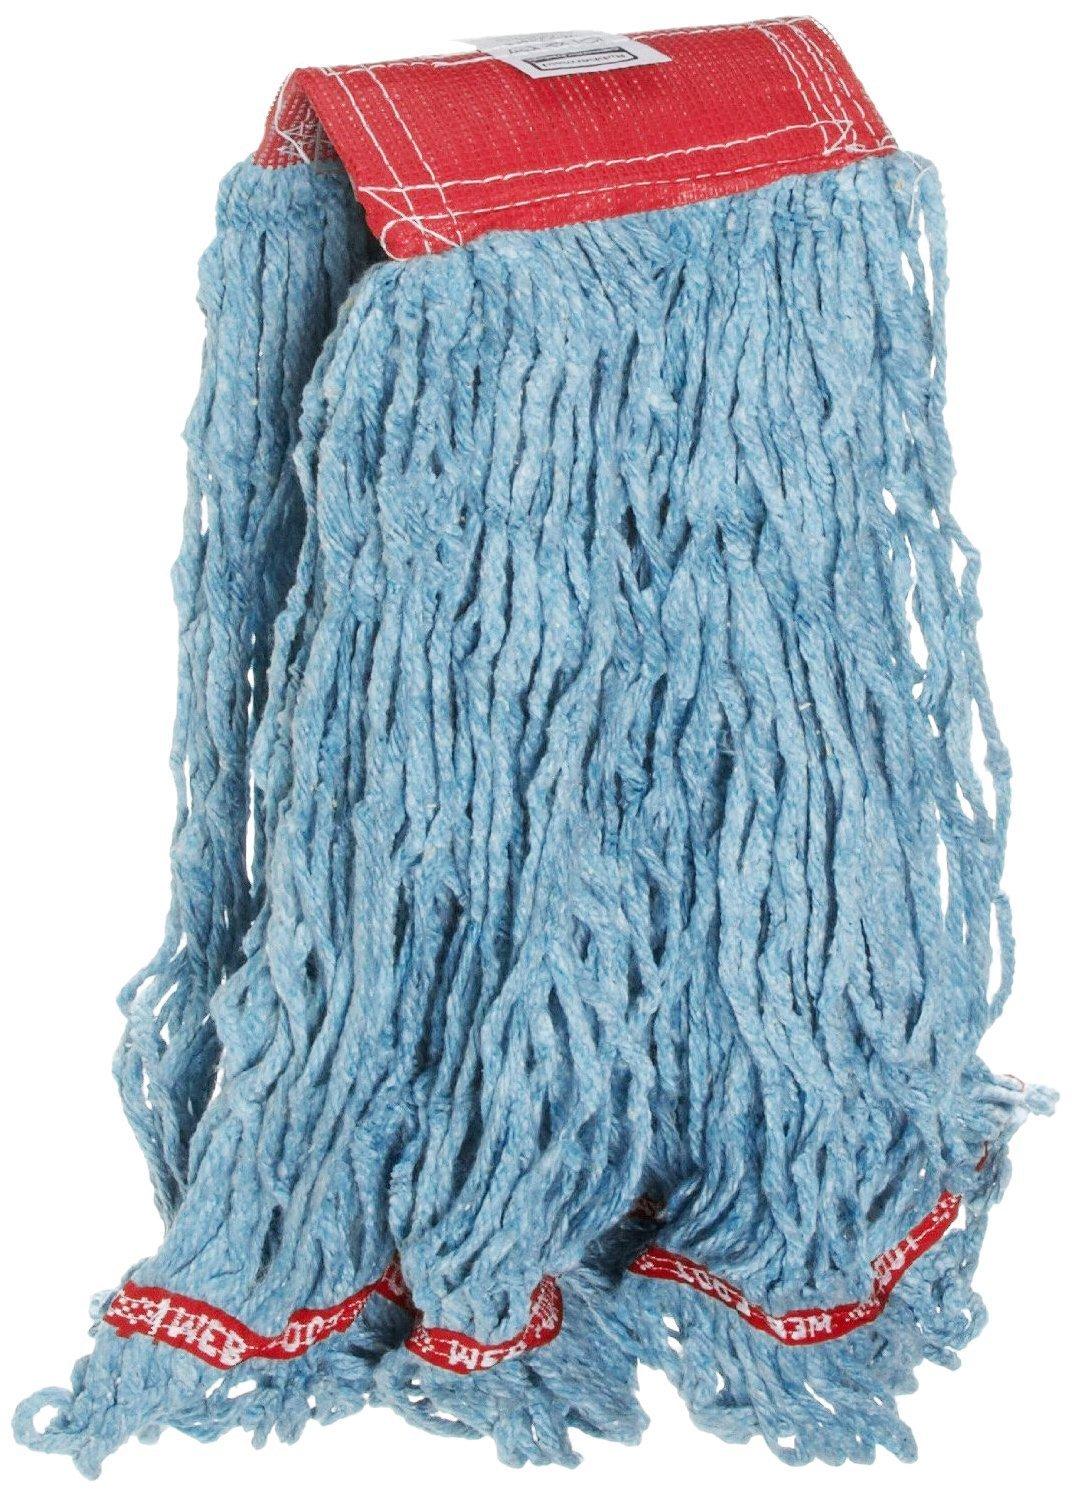 2 Pk. Rubbermaid Commercial Web Foot Blend Mop, Large, Blue